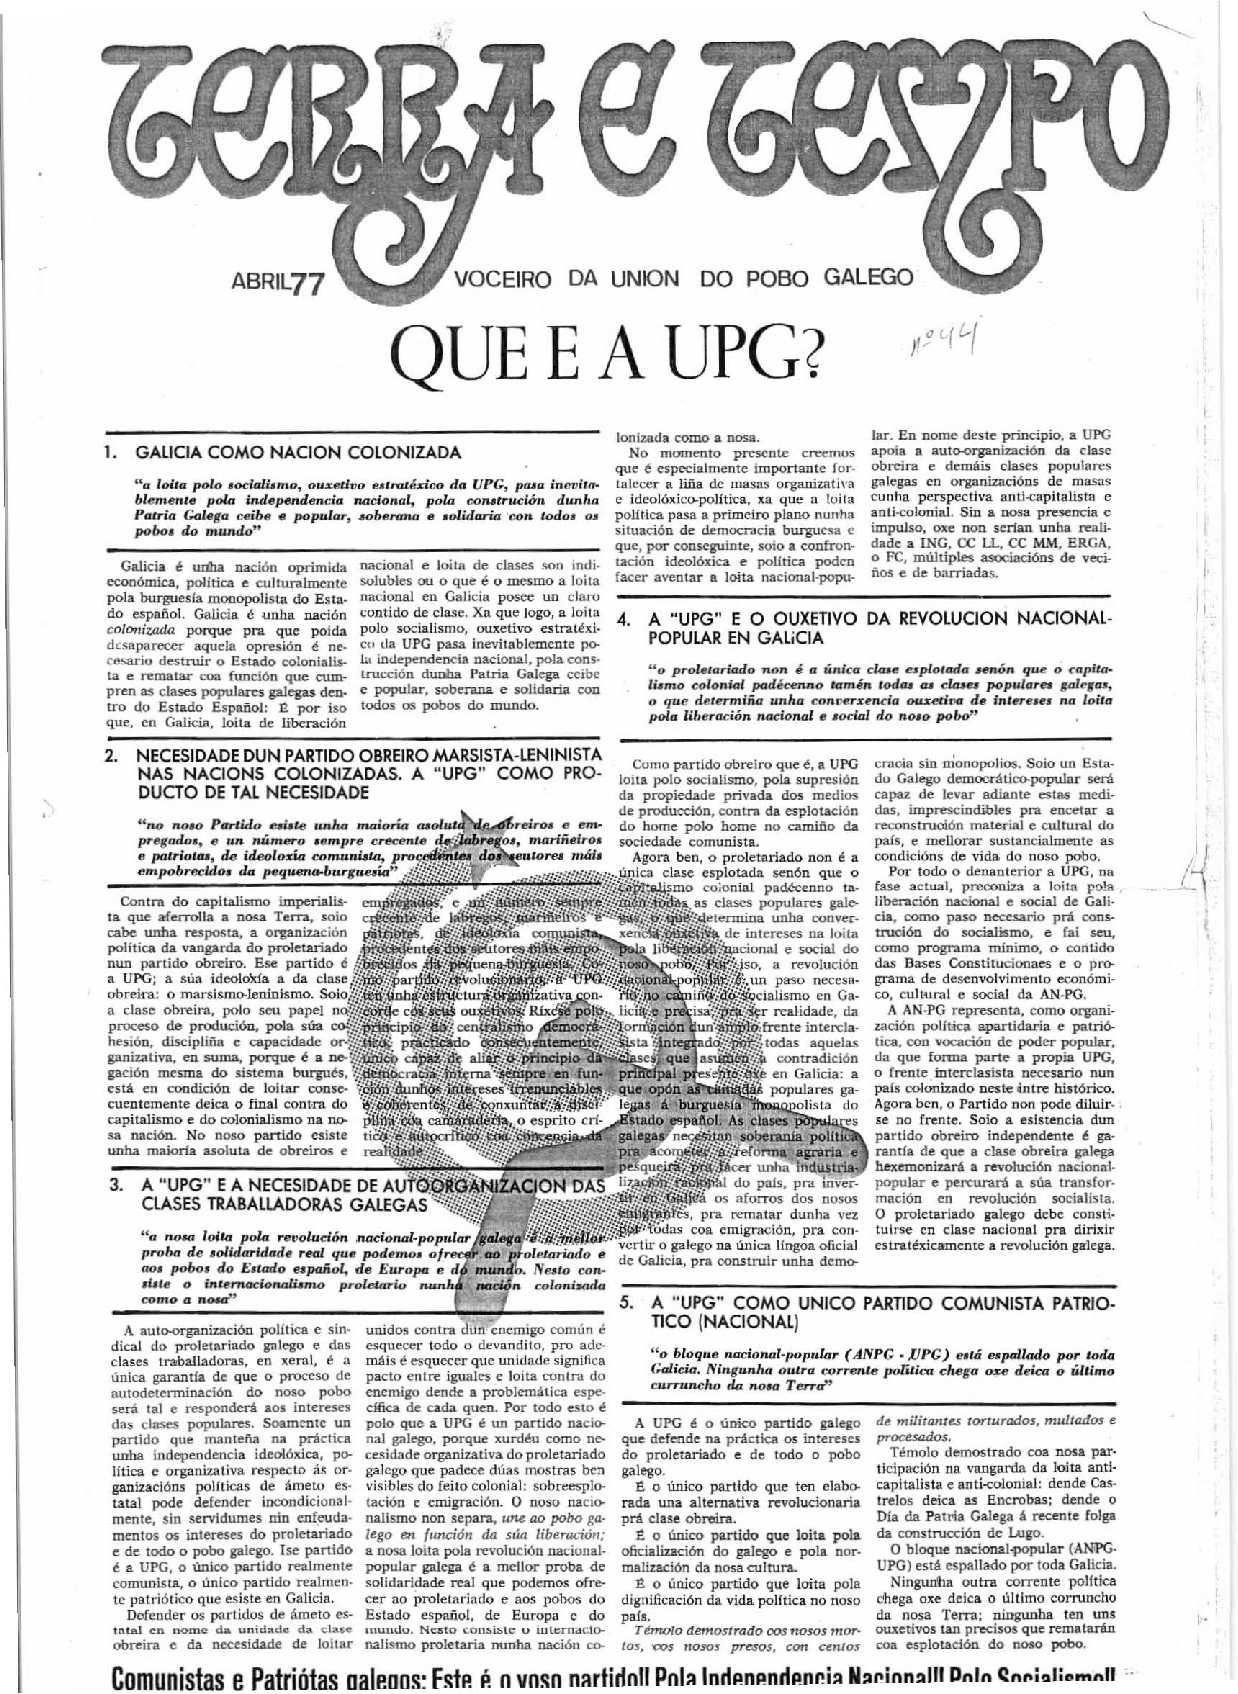 Terra e Tempo nº 44 (Abril, 1977)